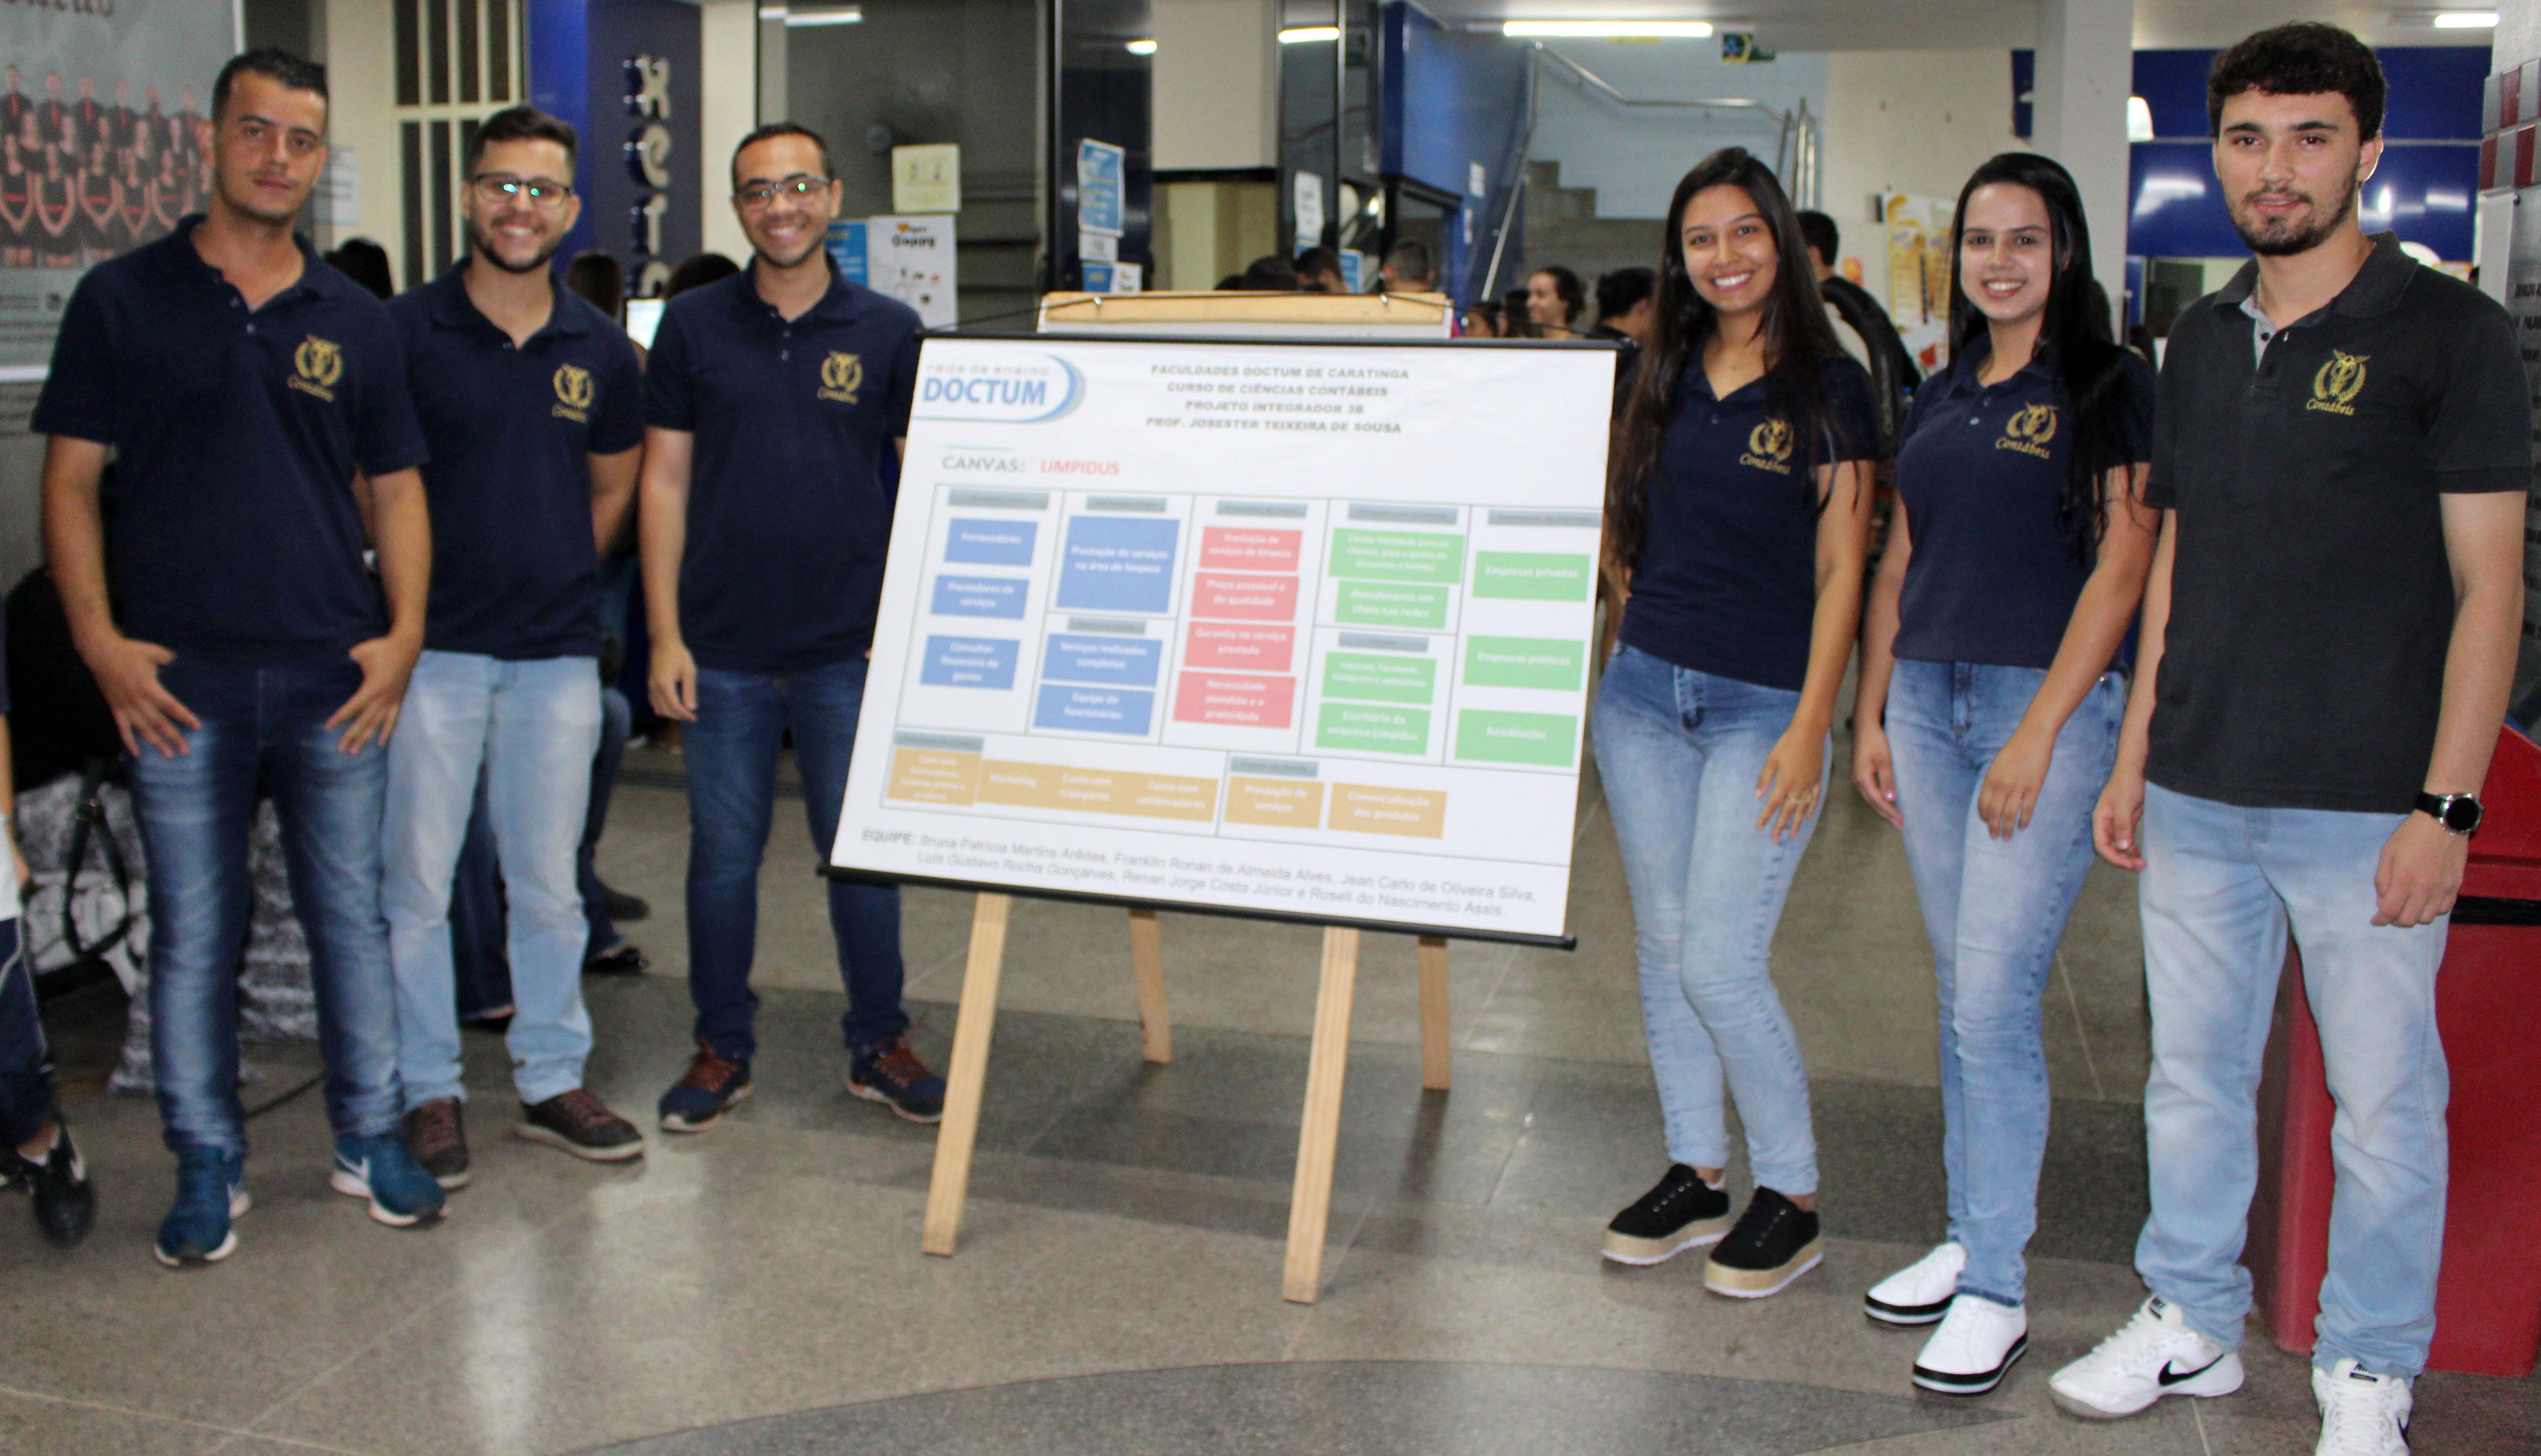 Alunos de Ciências Contábeis e Administração da Doctum Caratinga realizam Feira de Negócios